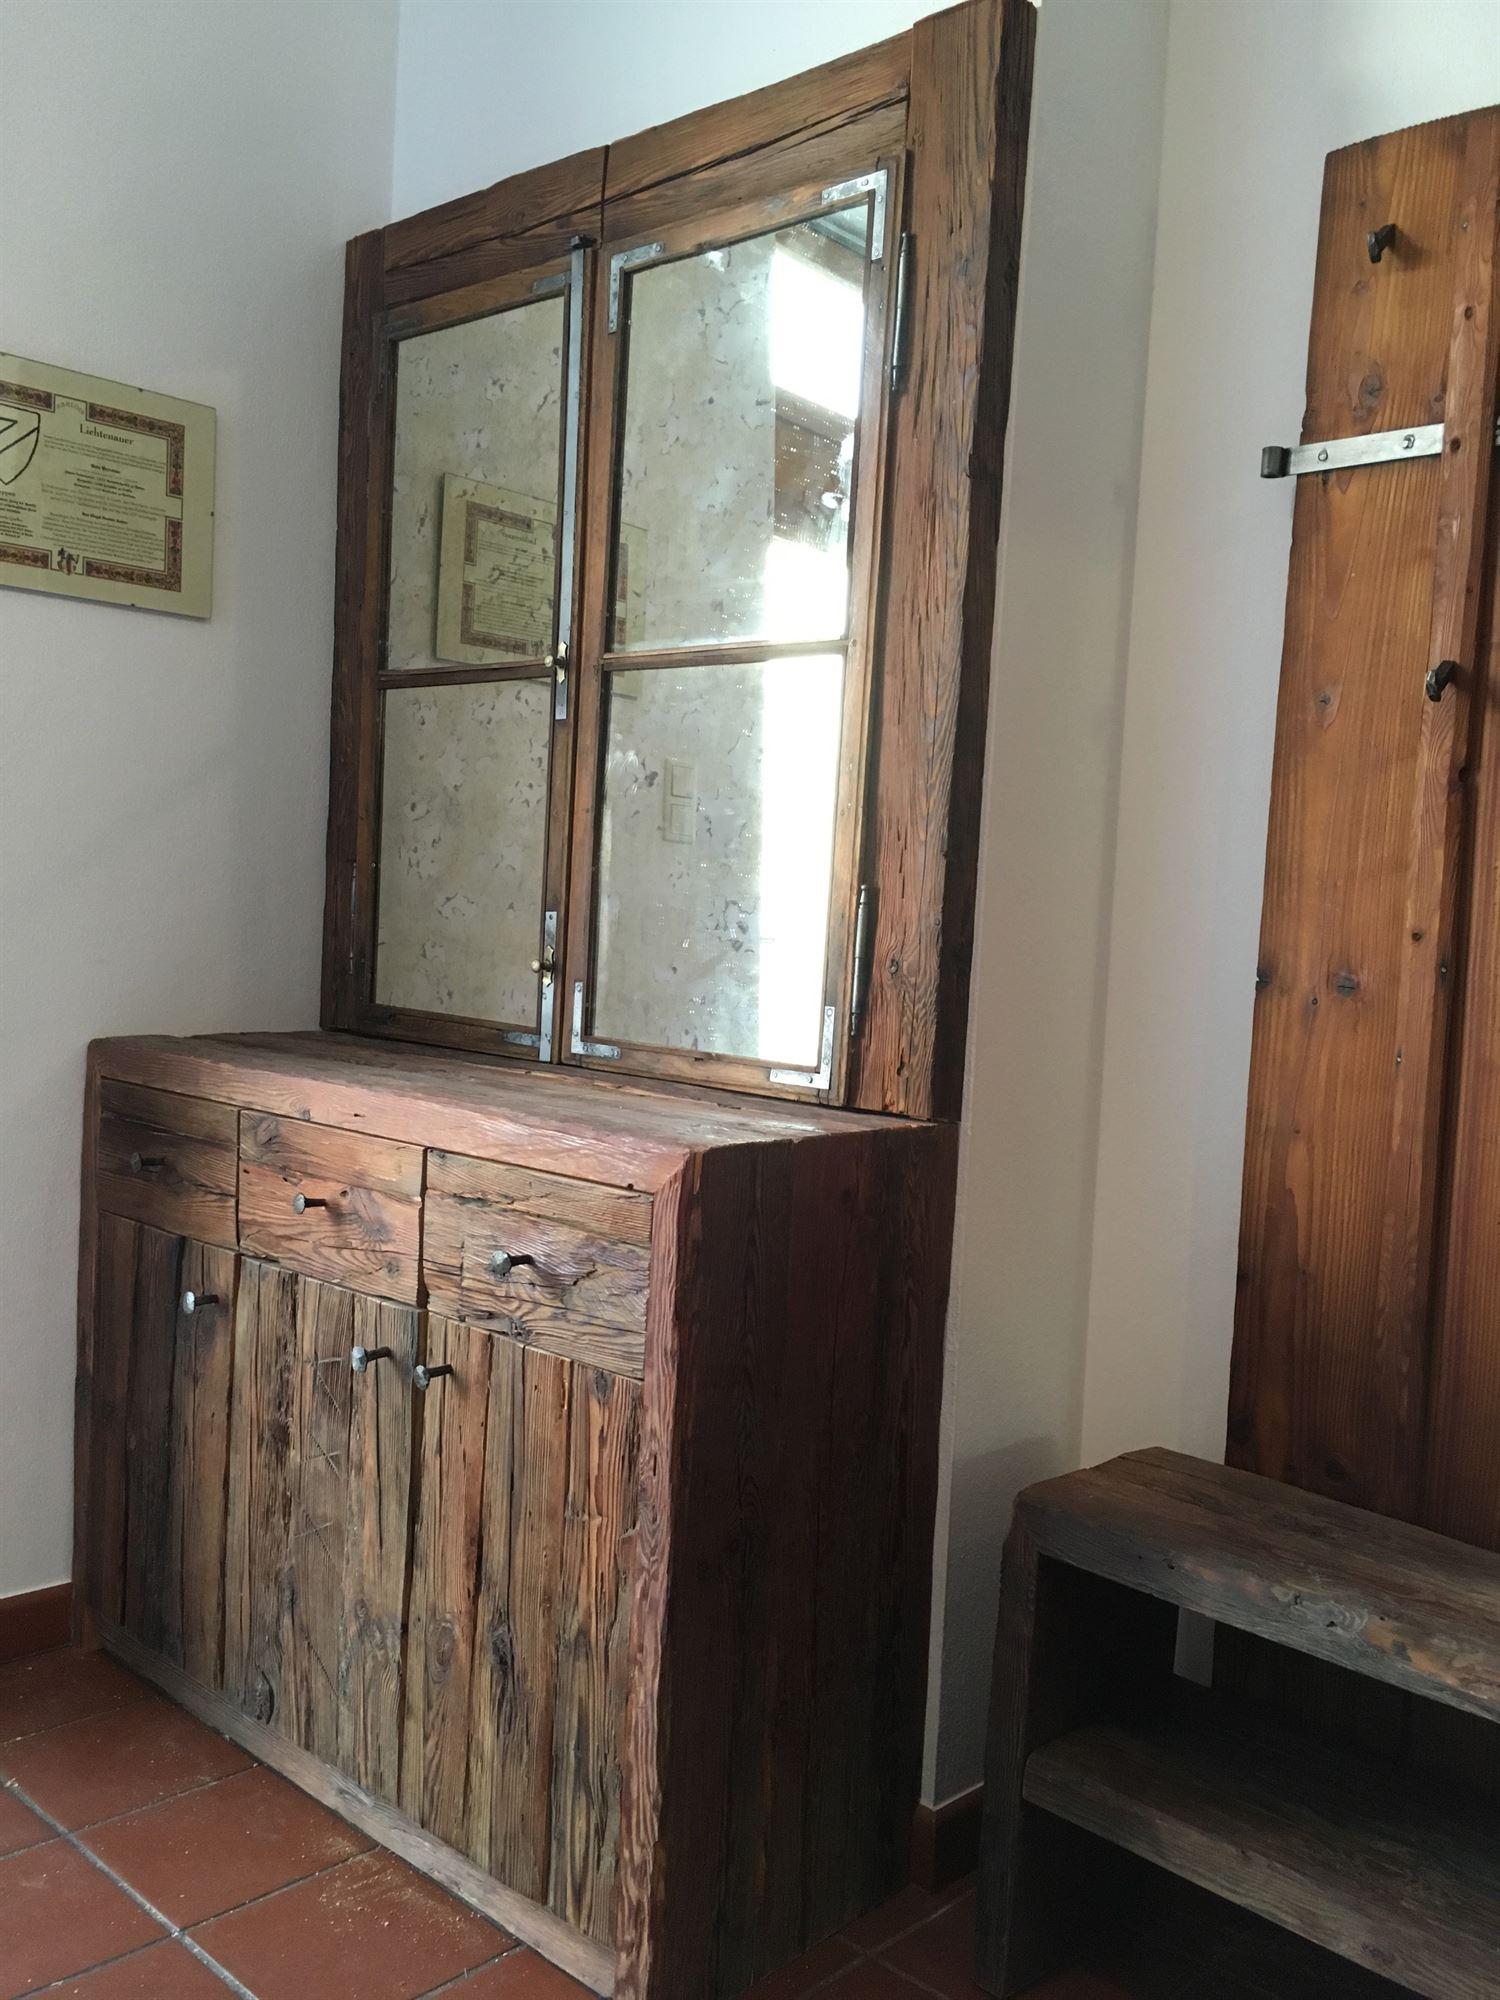 zusatzeinrichtung-im-saunabereich-014